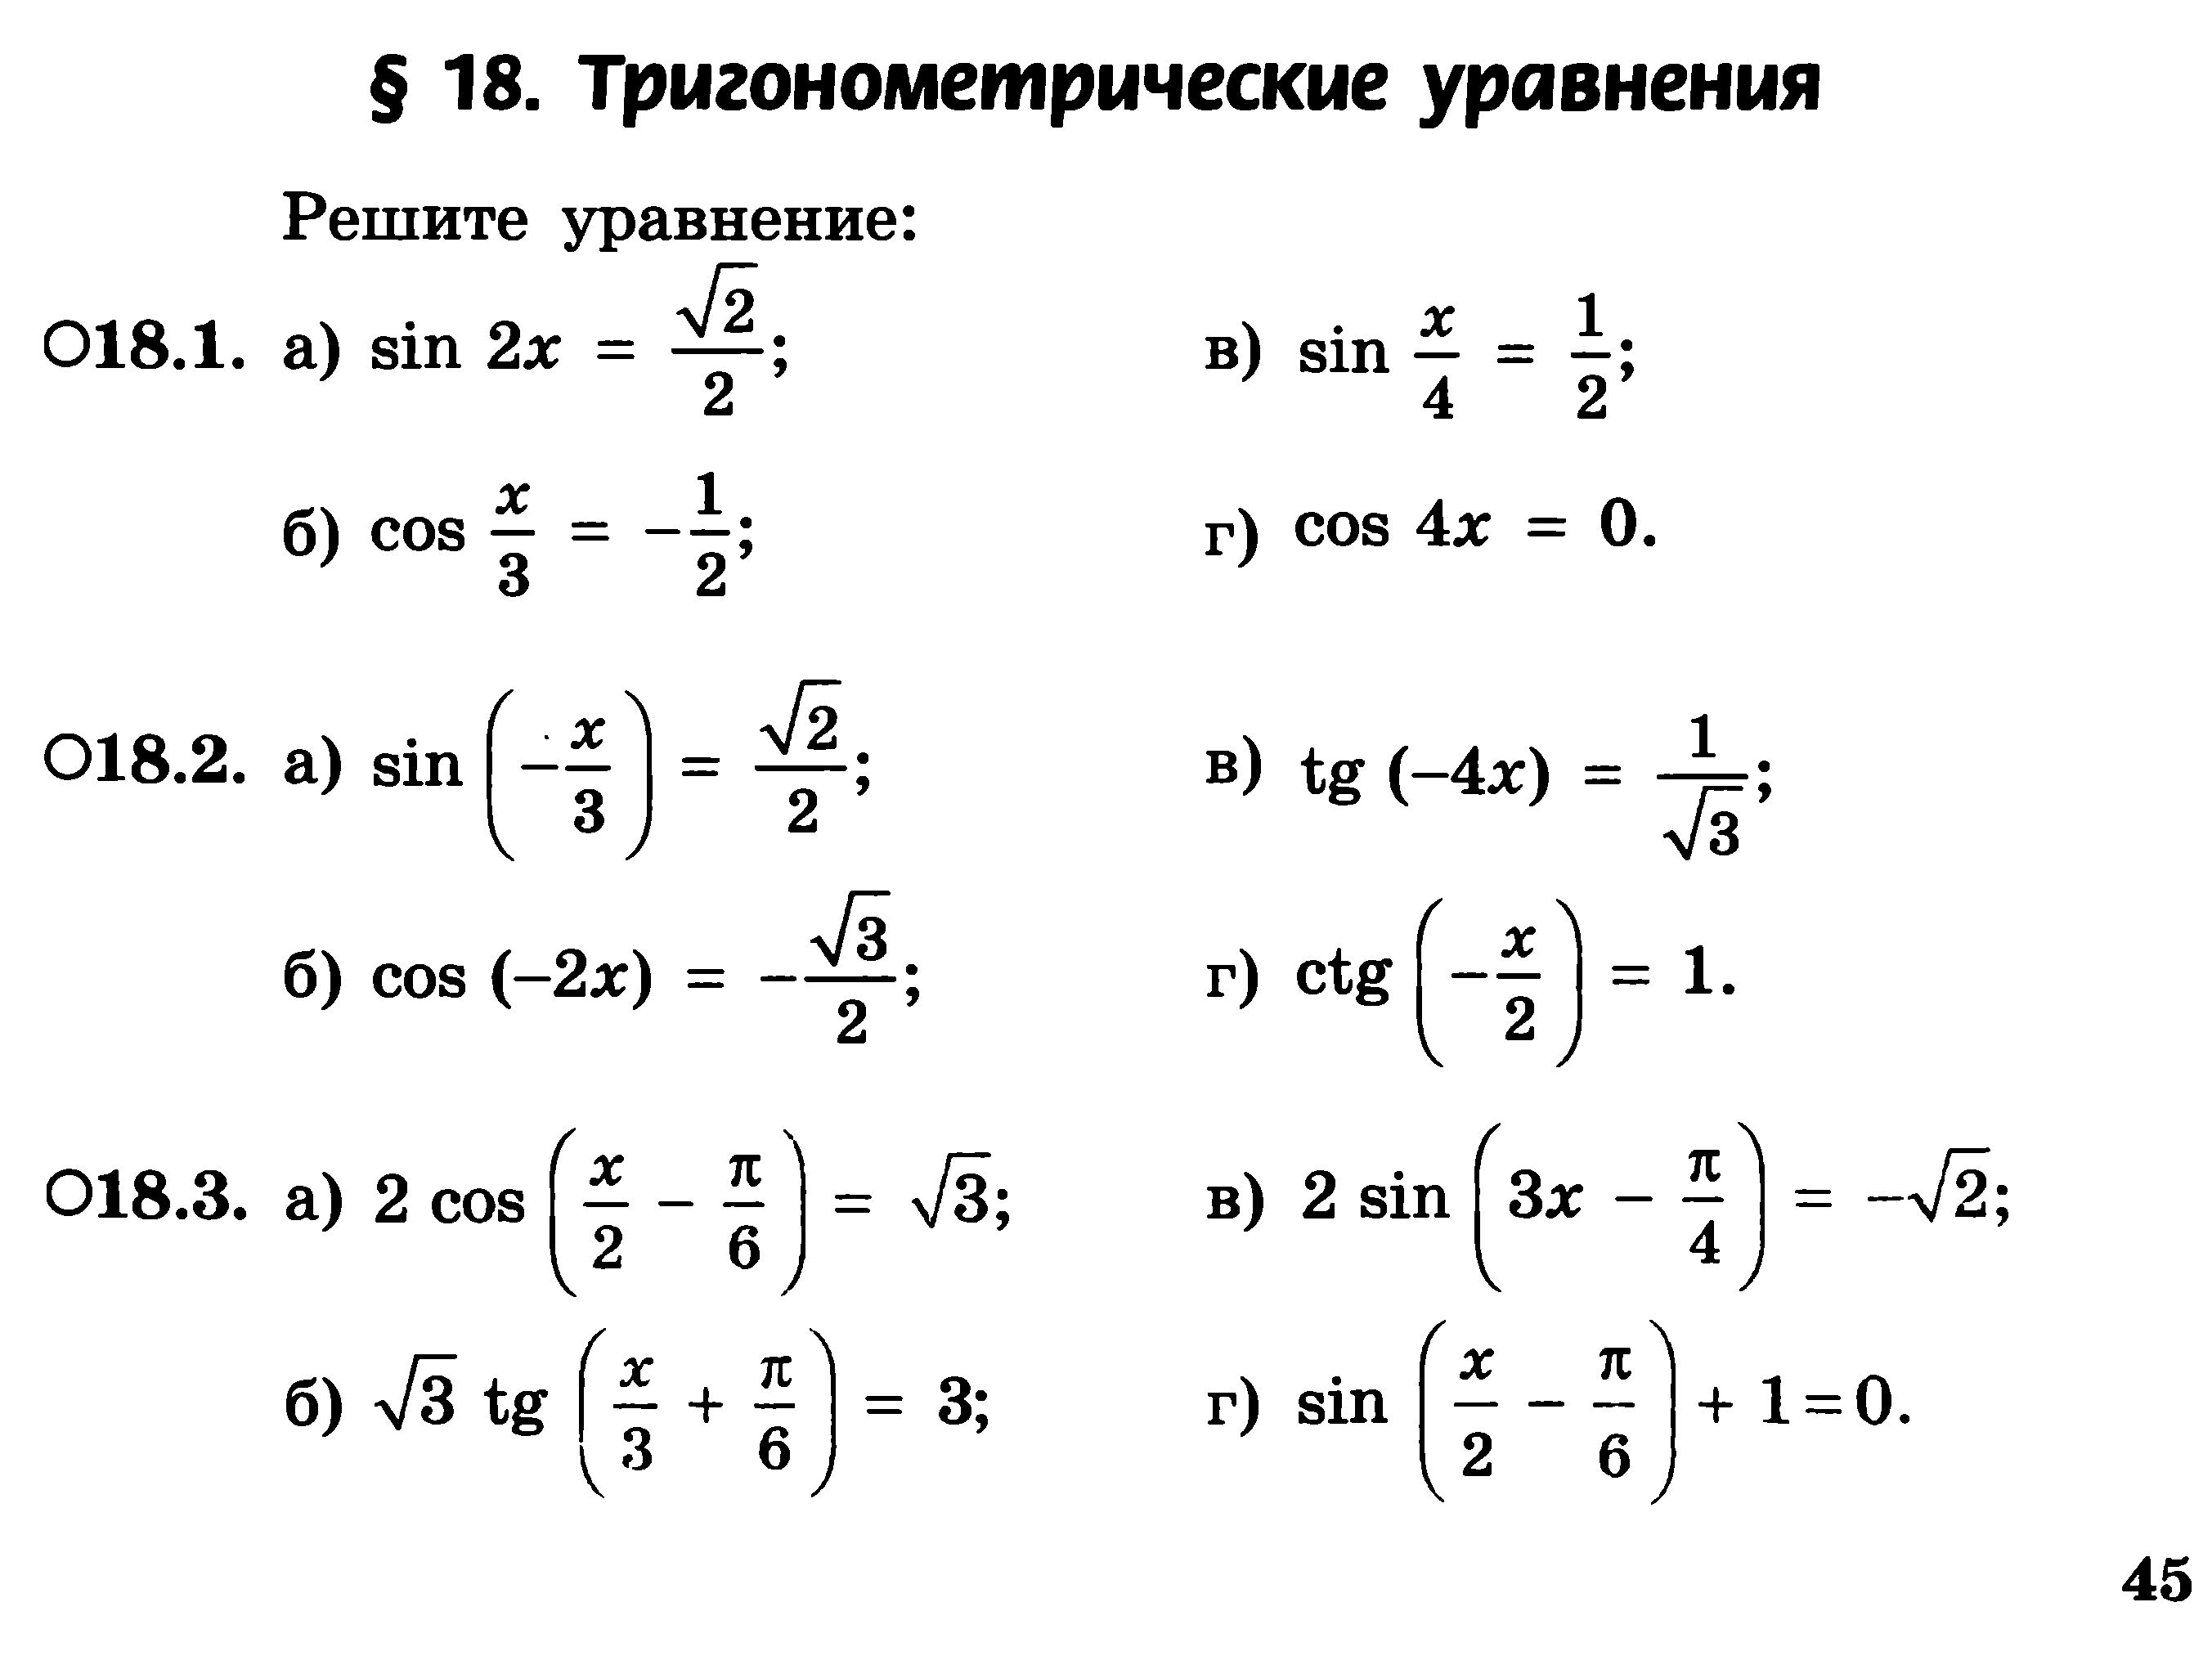 гдз по алгебре мордкович 10 класс методы решения тригонометрических уравнений